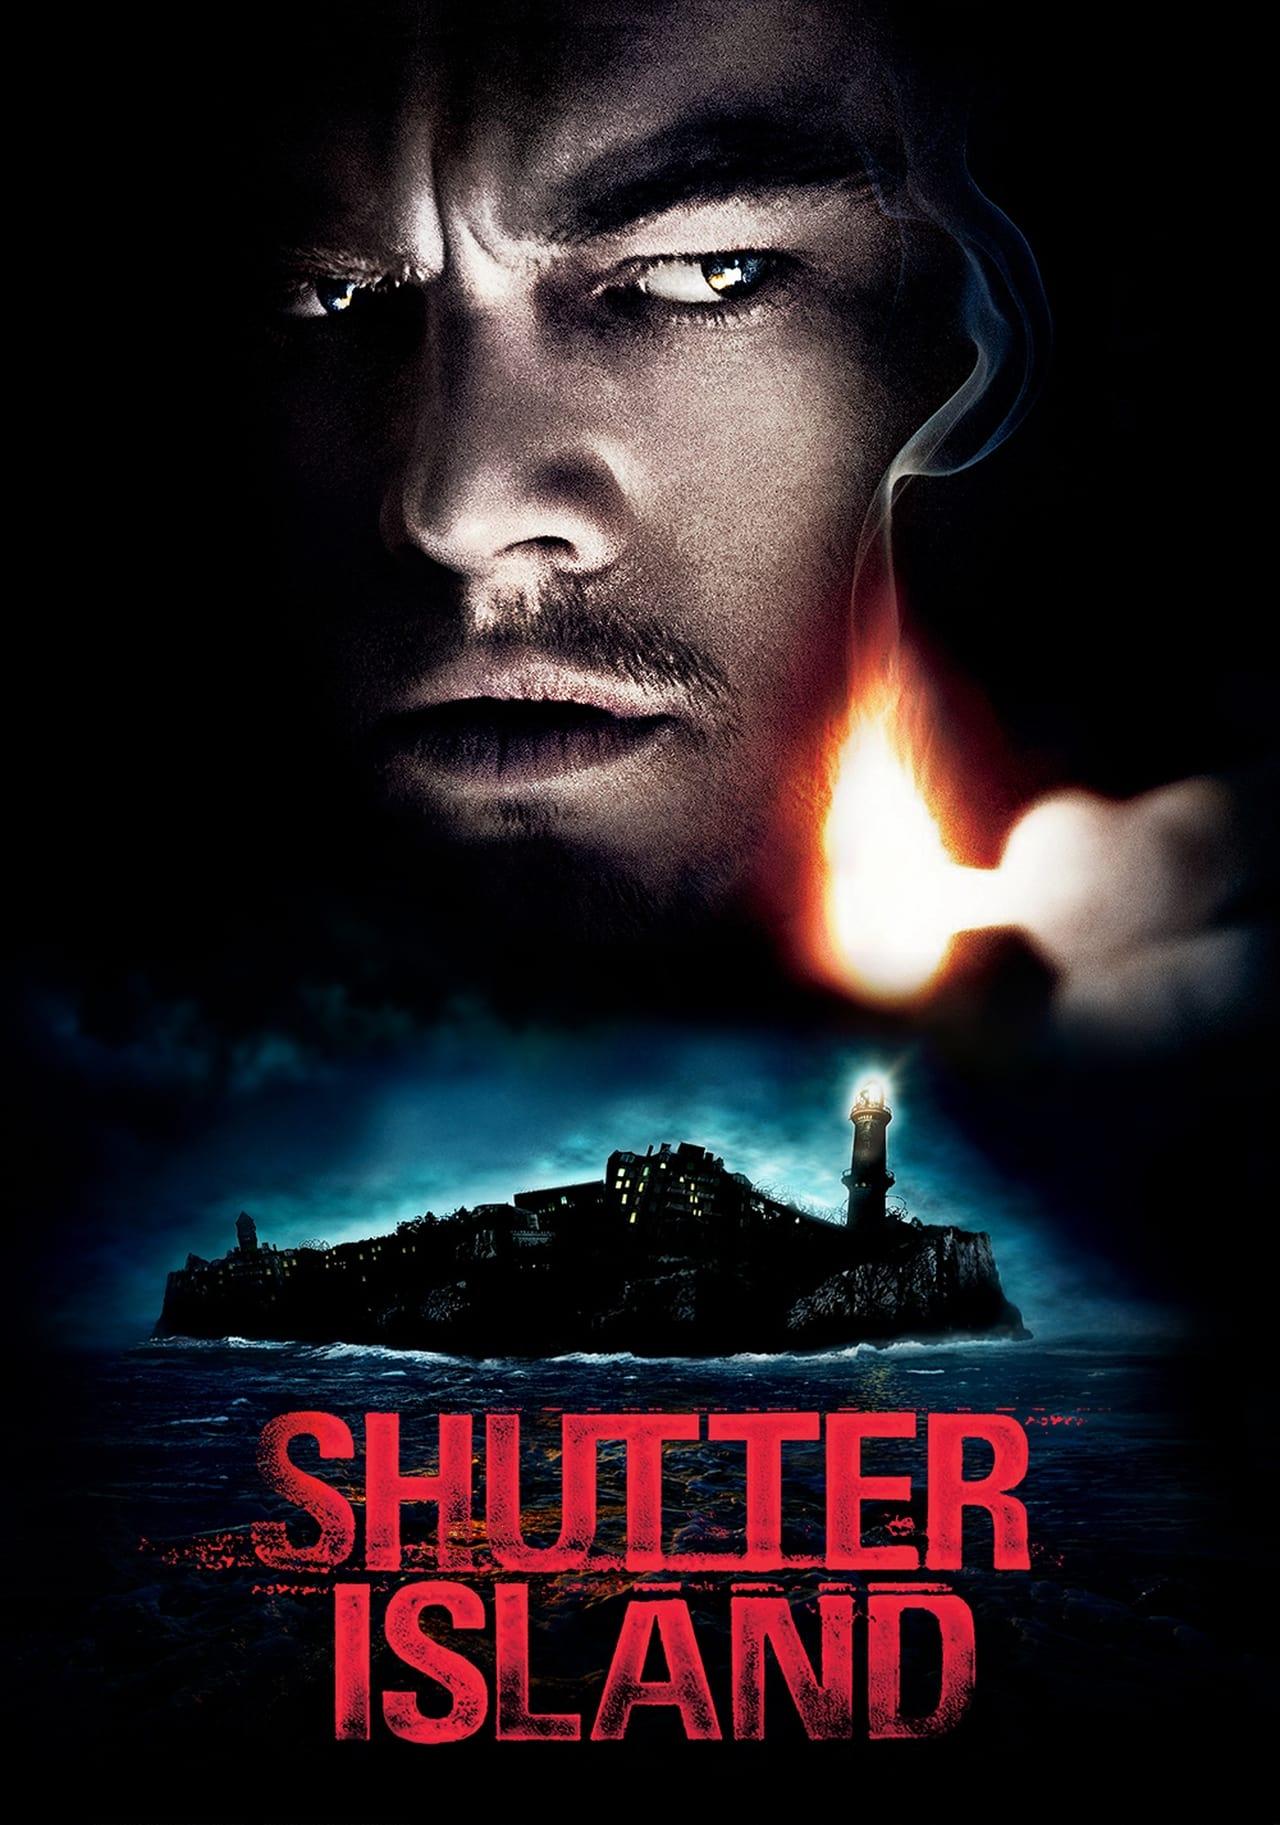 phim đa nhân cách shutter island